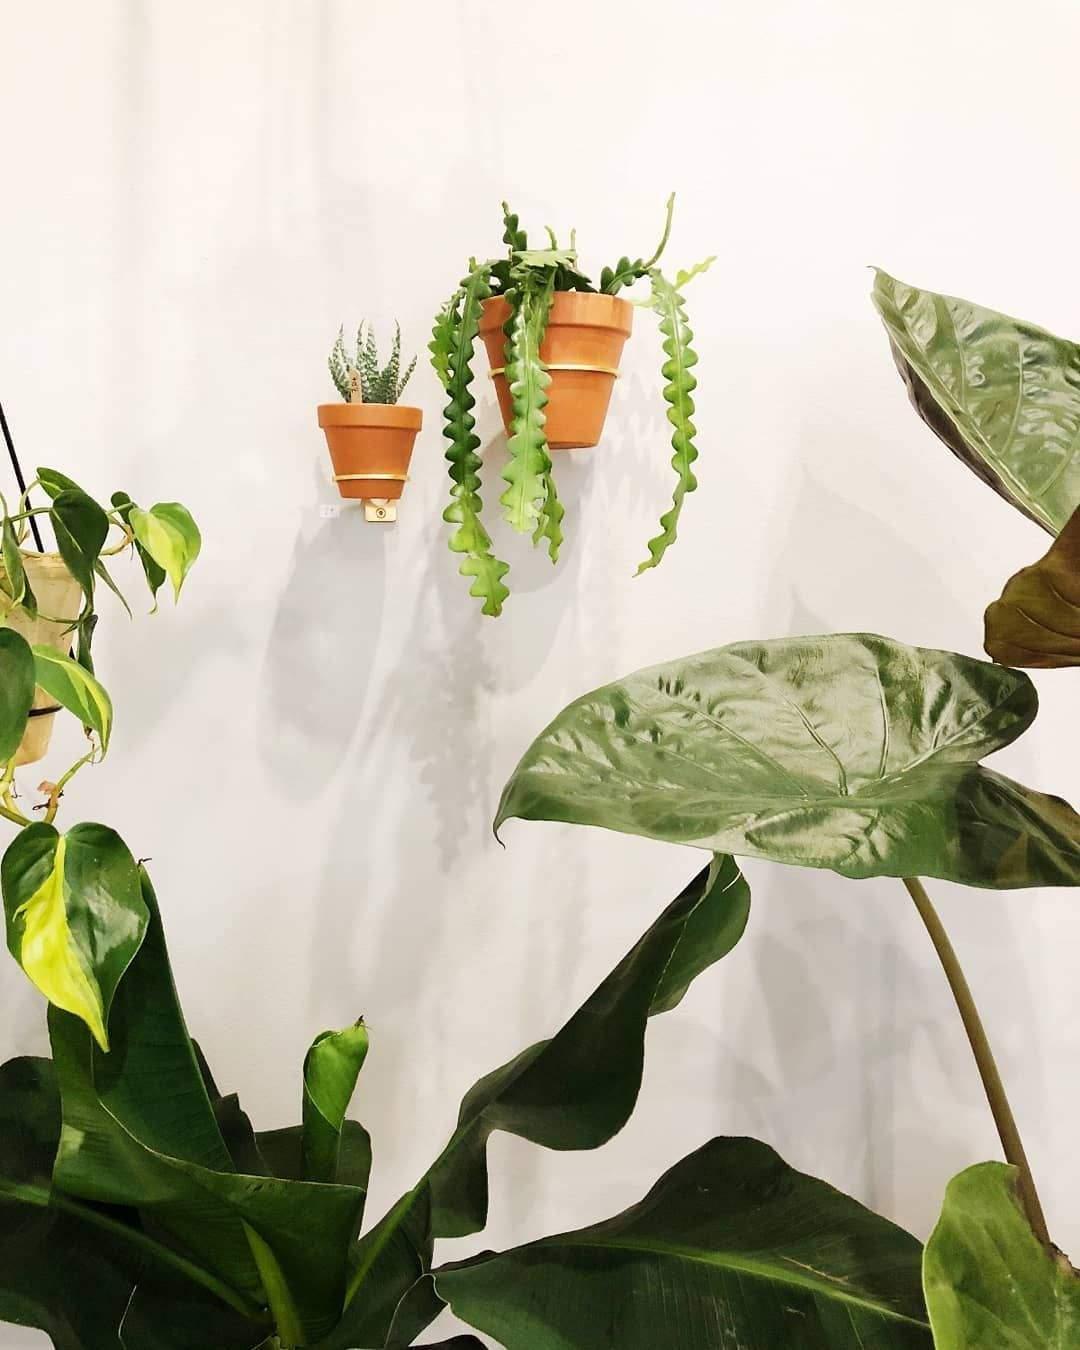 garten akzent frisch planty rings wandhalterung fur pflanzen im botanical room in of garten akzent